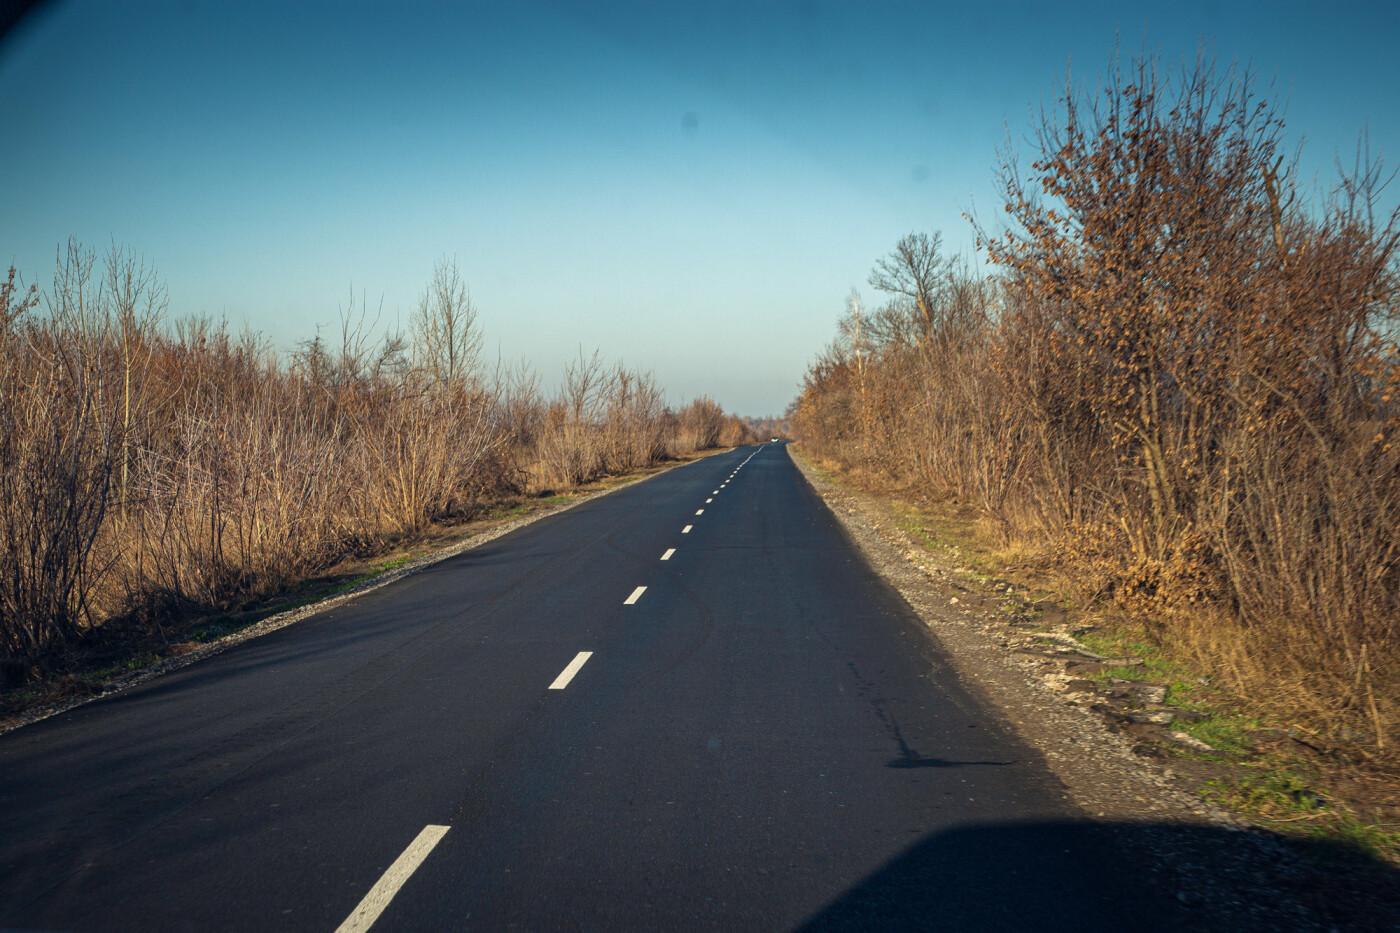 На Днепропетровщине продолжают ремонт дорог местного значения, - ФОТО, фото-5